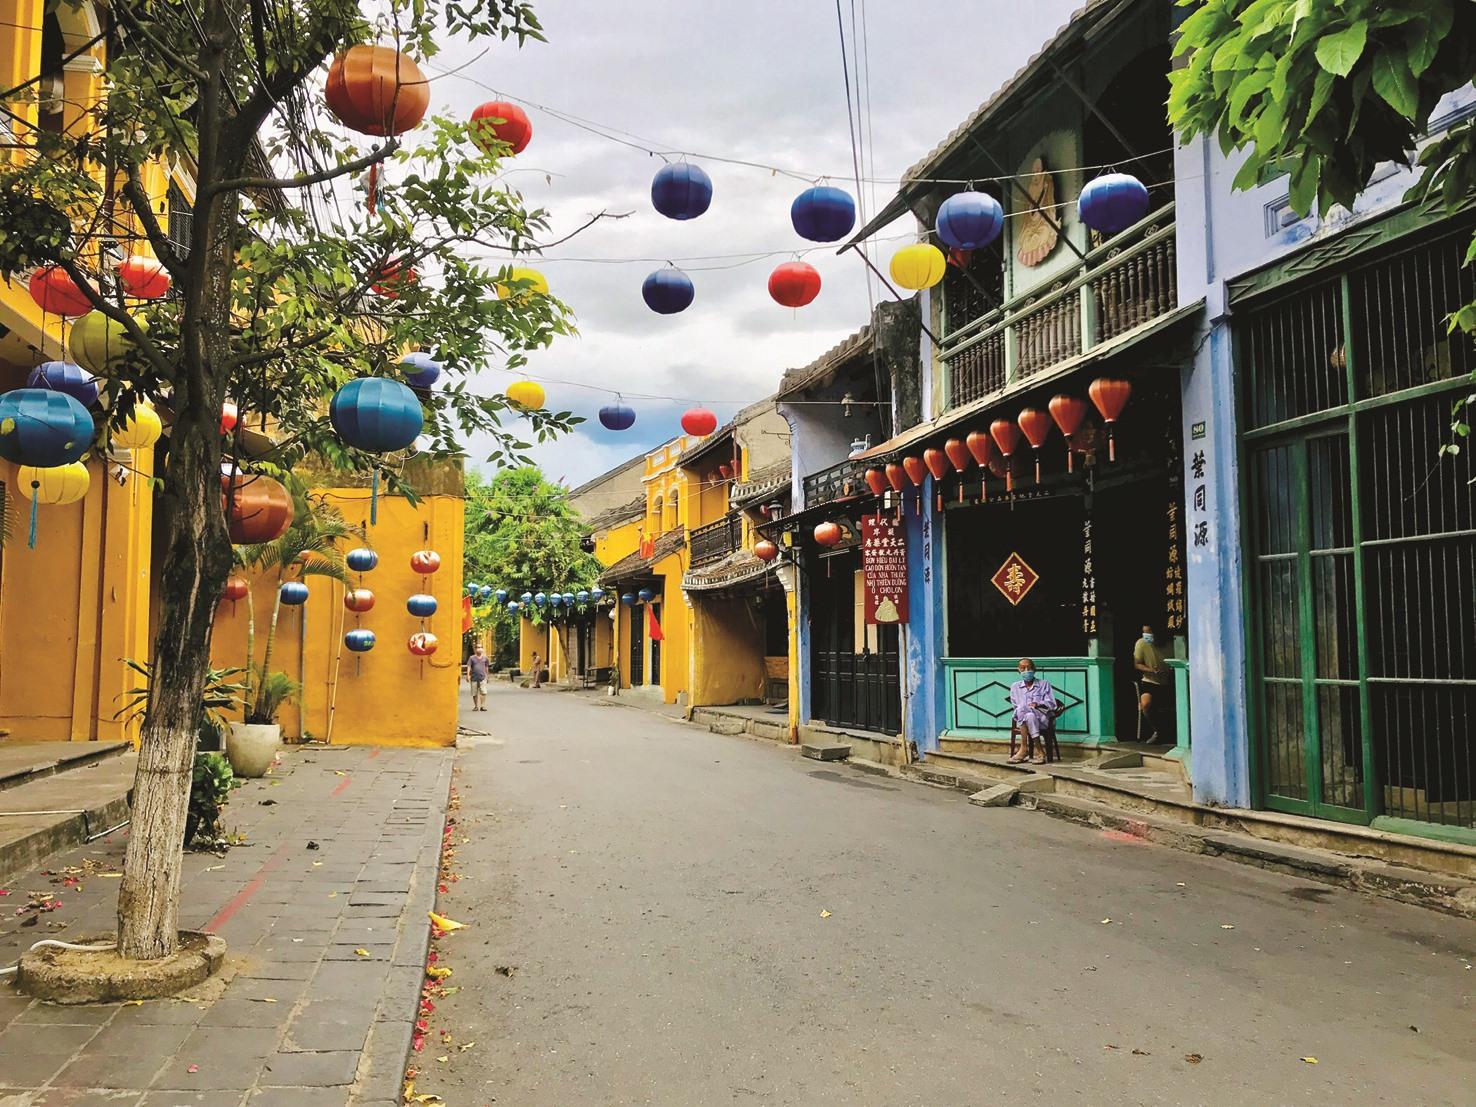 Hầu hết cửa hiệu trong khu vực phố cổ Hội An vẫn ngại mở cửa trở lại vì không có du khách.